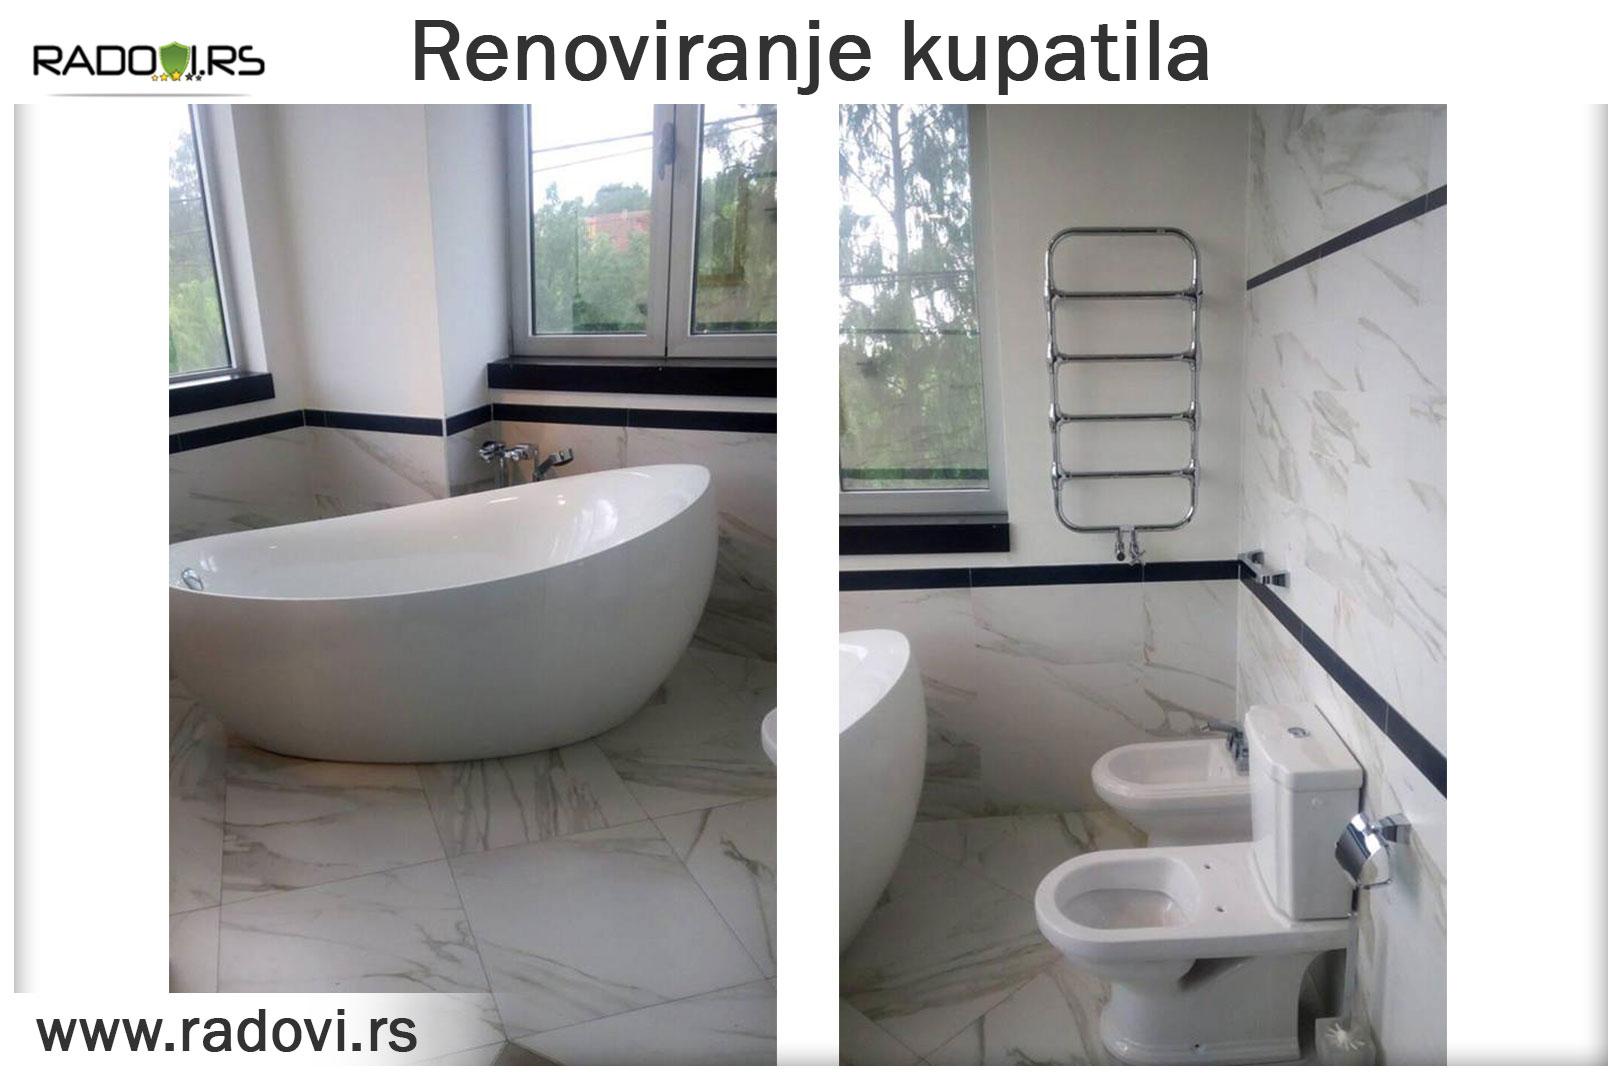 Renoviranje kupatila - Vodoinstalater Beograd Tim- Radovi.rsTim